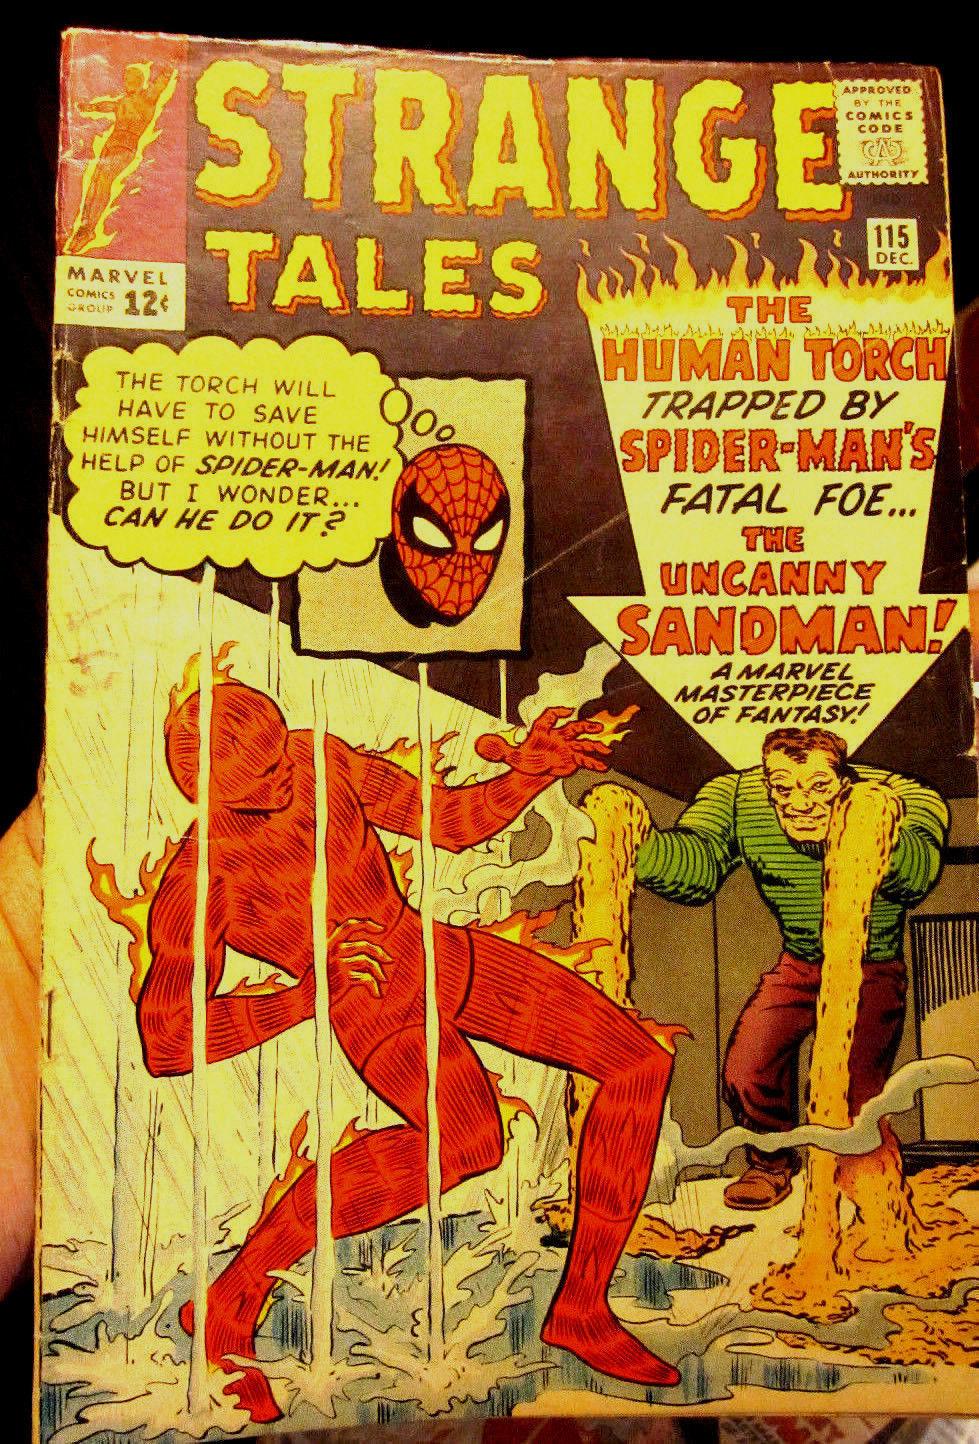 Strange Tales #115 Origin of Dr. Strange Key Steve Ditko Marvel Comics 1963